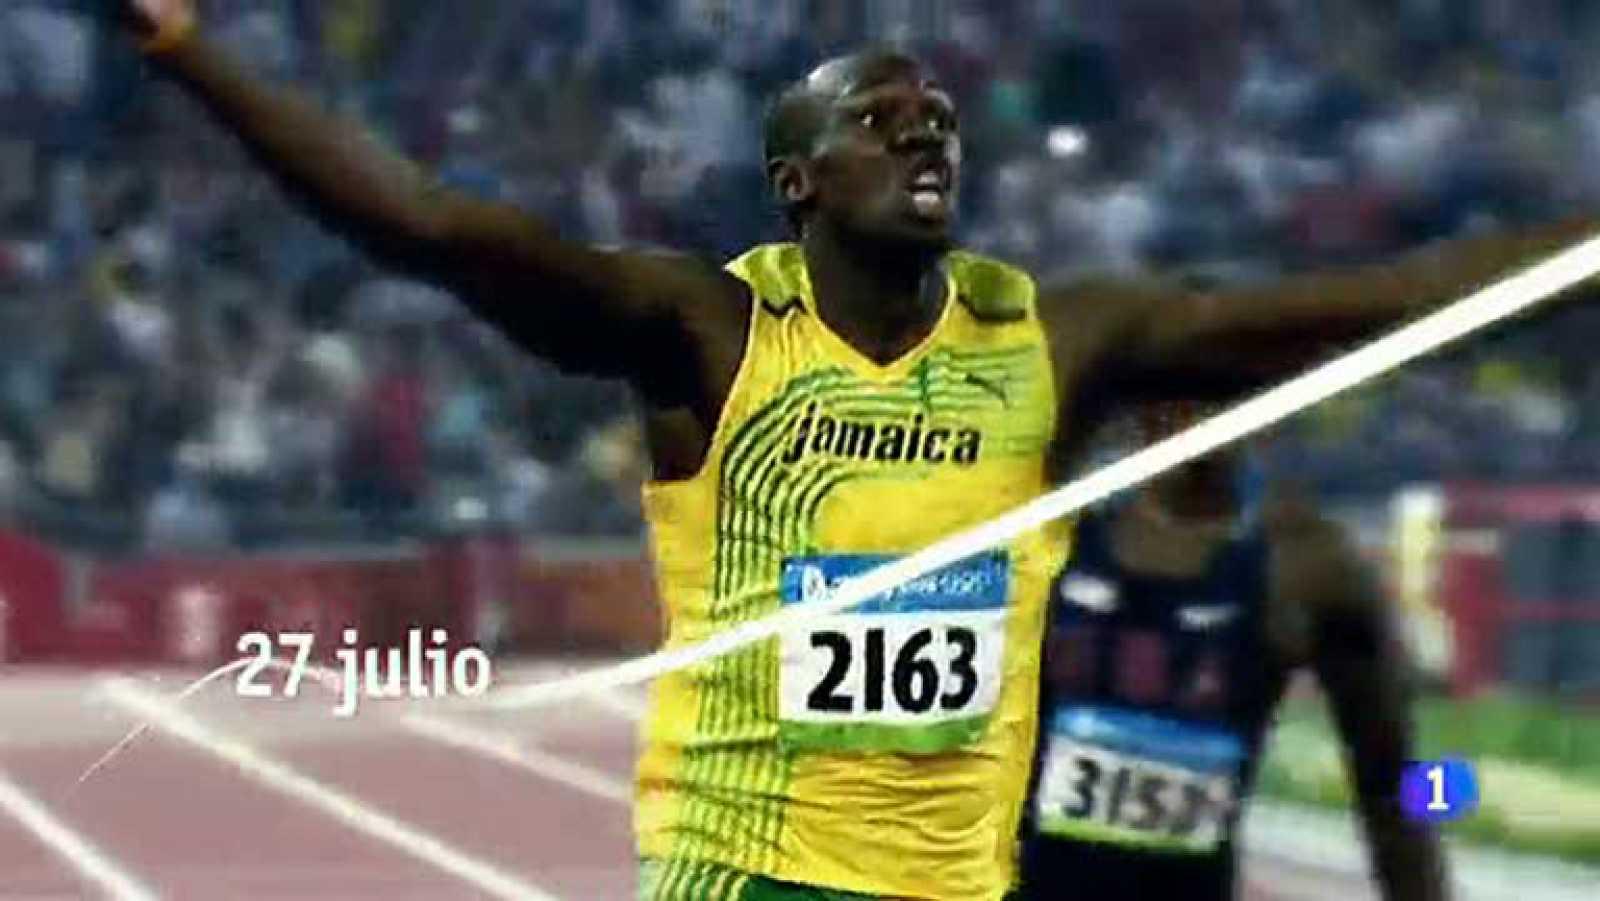 Los Juegos Olimpicos De Londres 2012 En Rtve Rtve Es